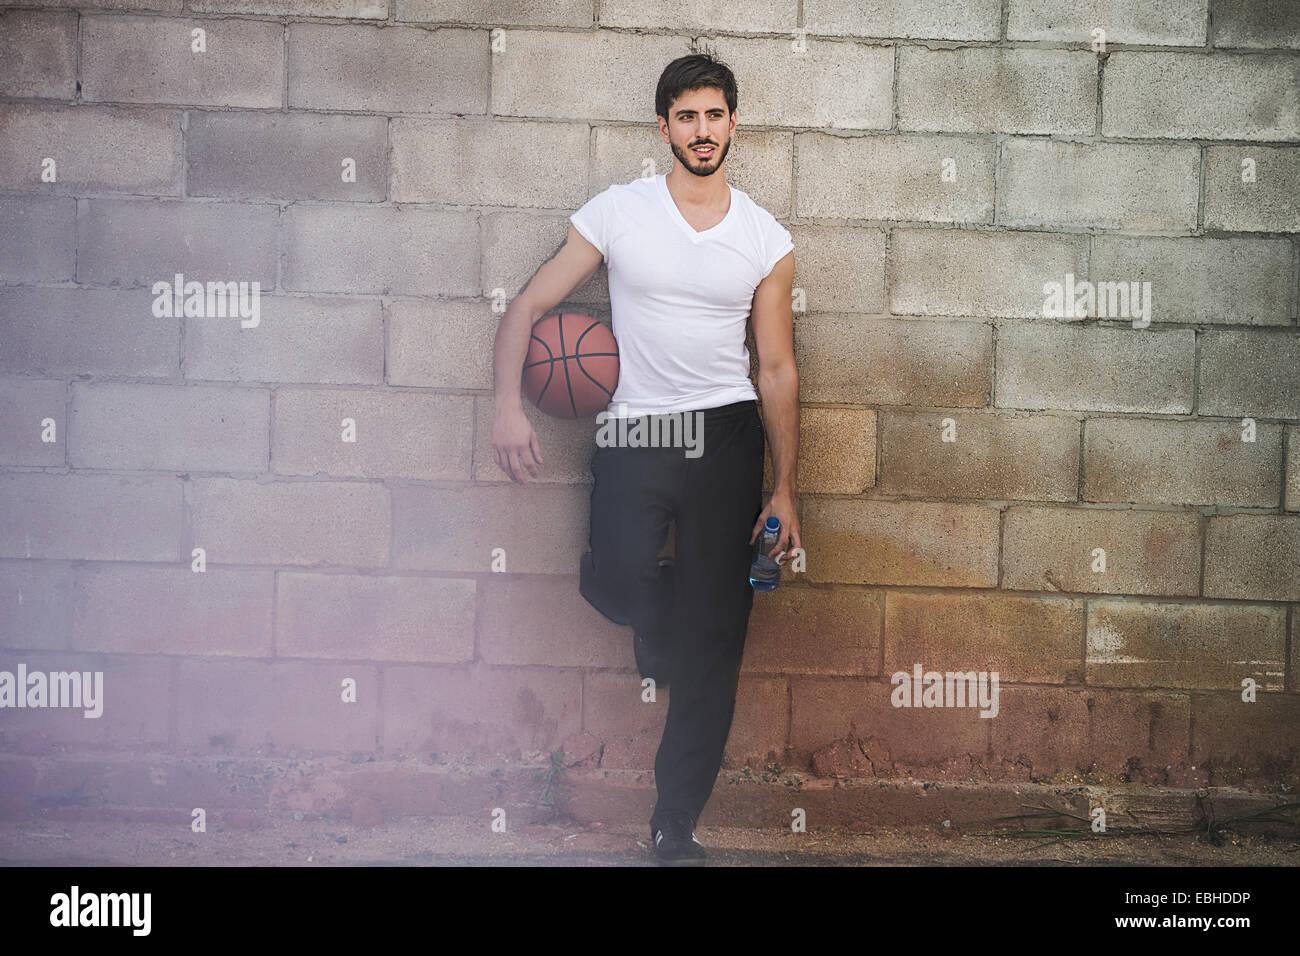 Junge männliche Basketballspieler Wand gelehnt Stockbild